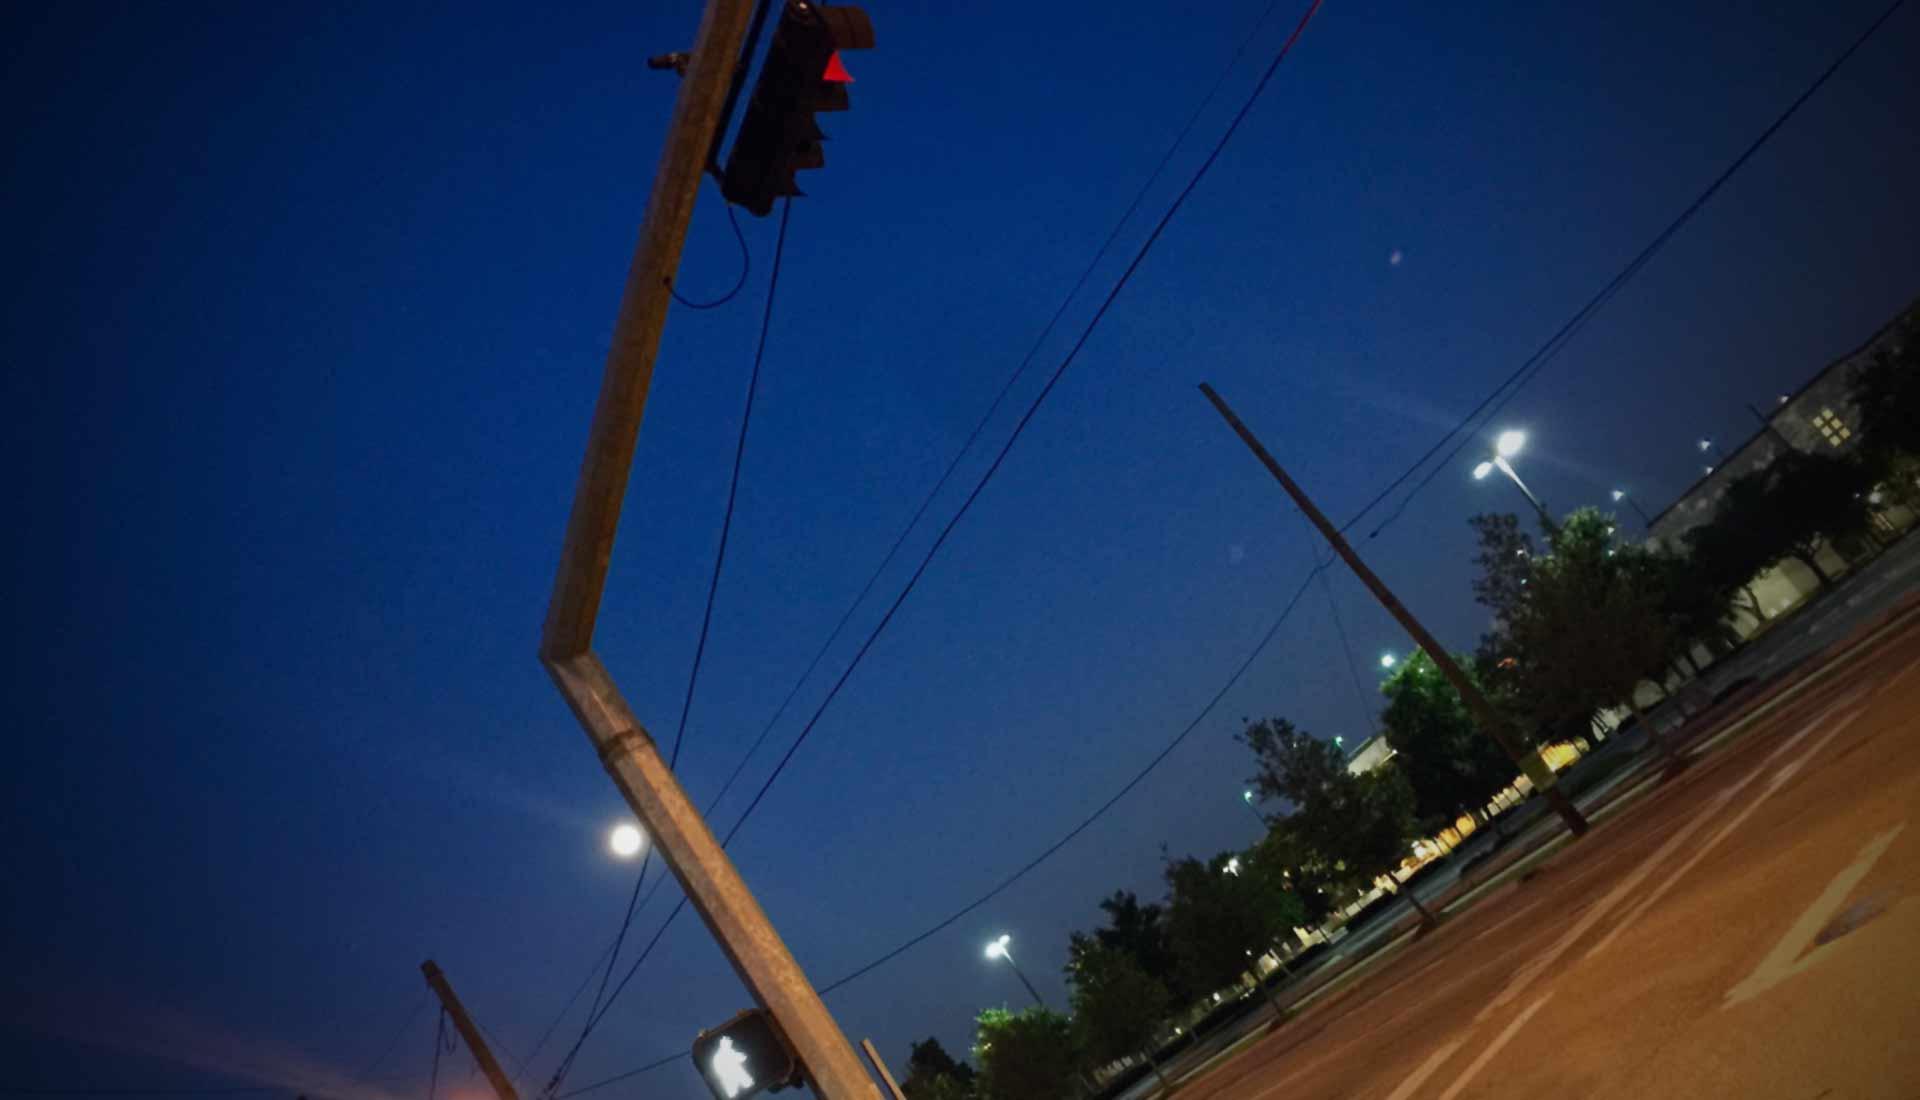 StreetLightNight